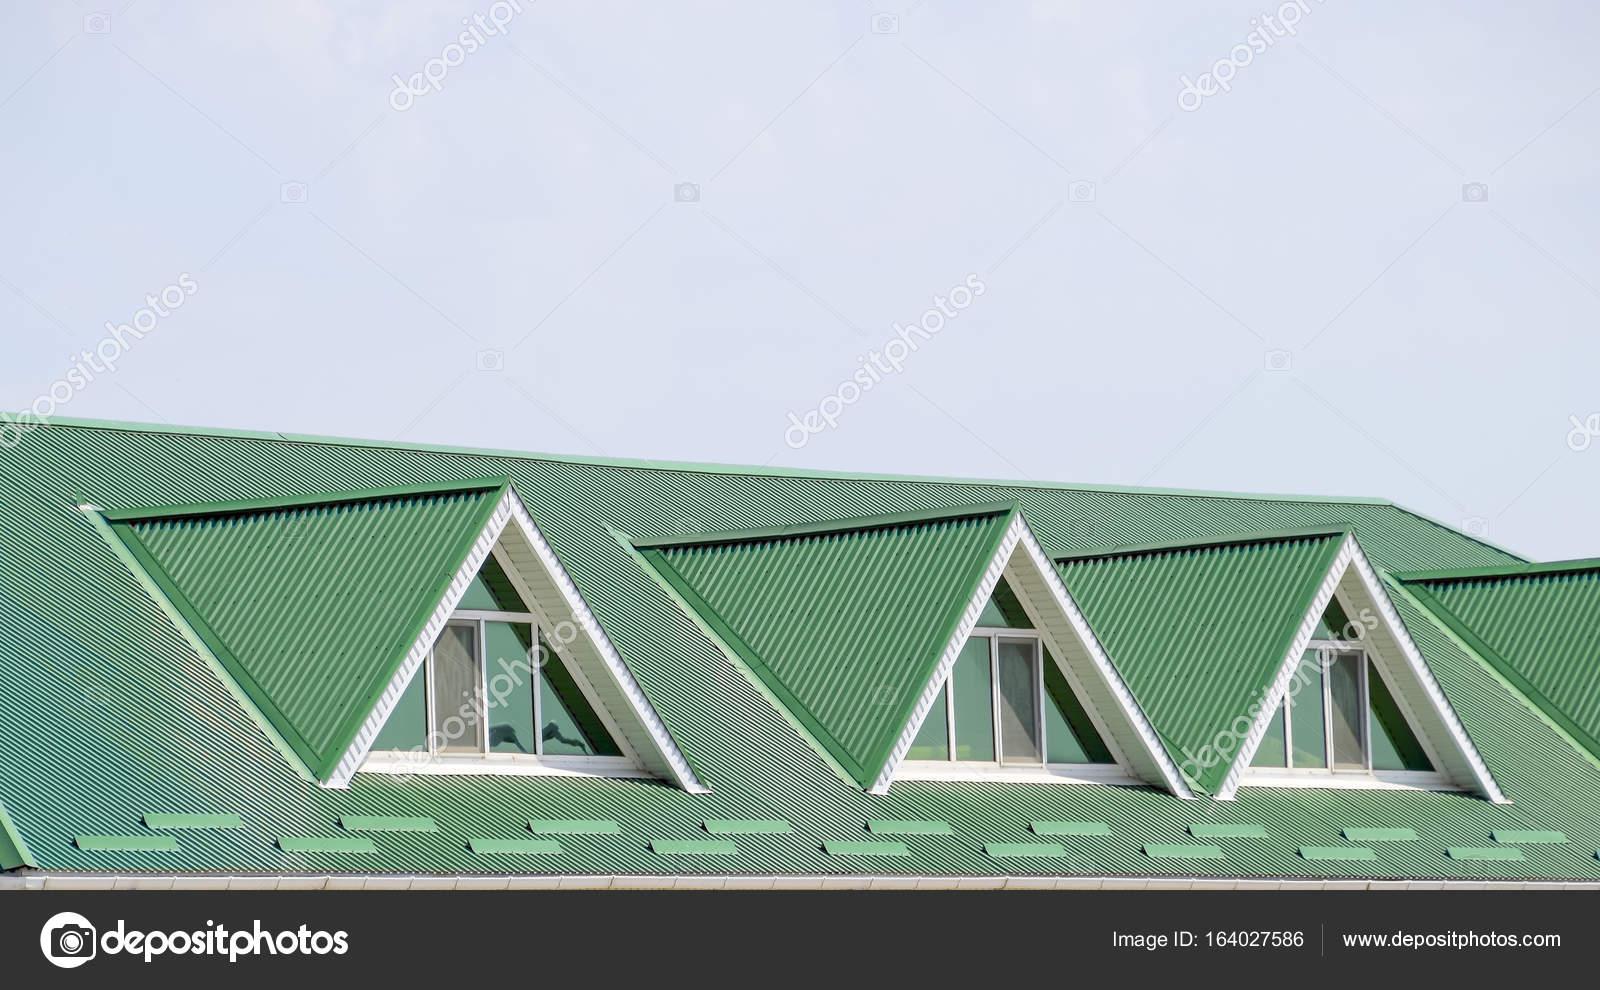 Maison avec des fen tres pvc toit t le ondul e toiture forme photographie leonid eremeychuk for Maison toit tole